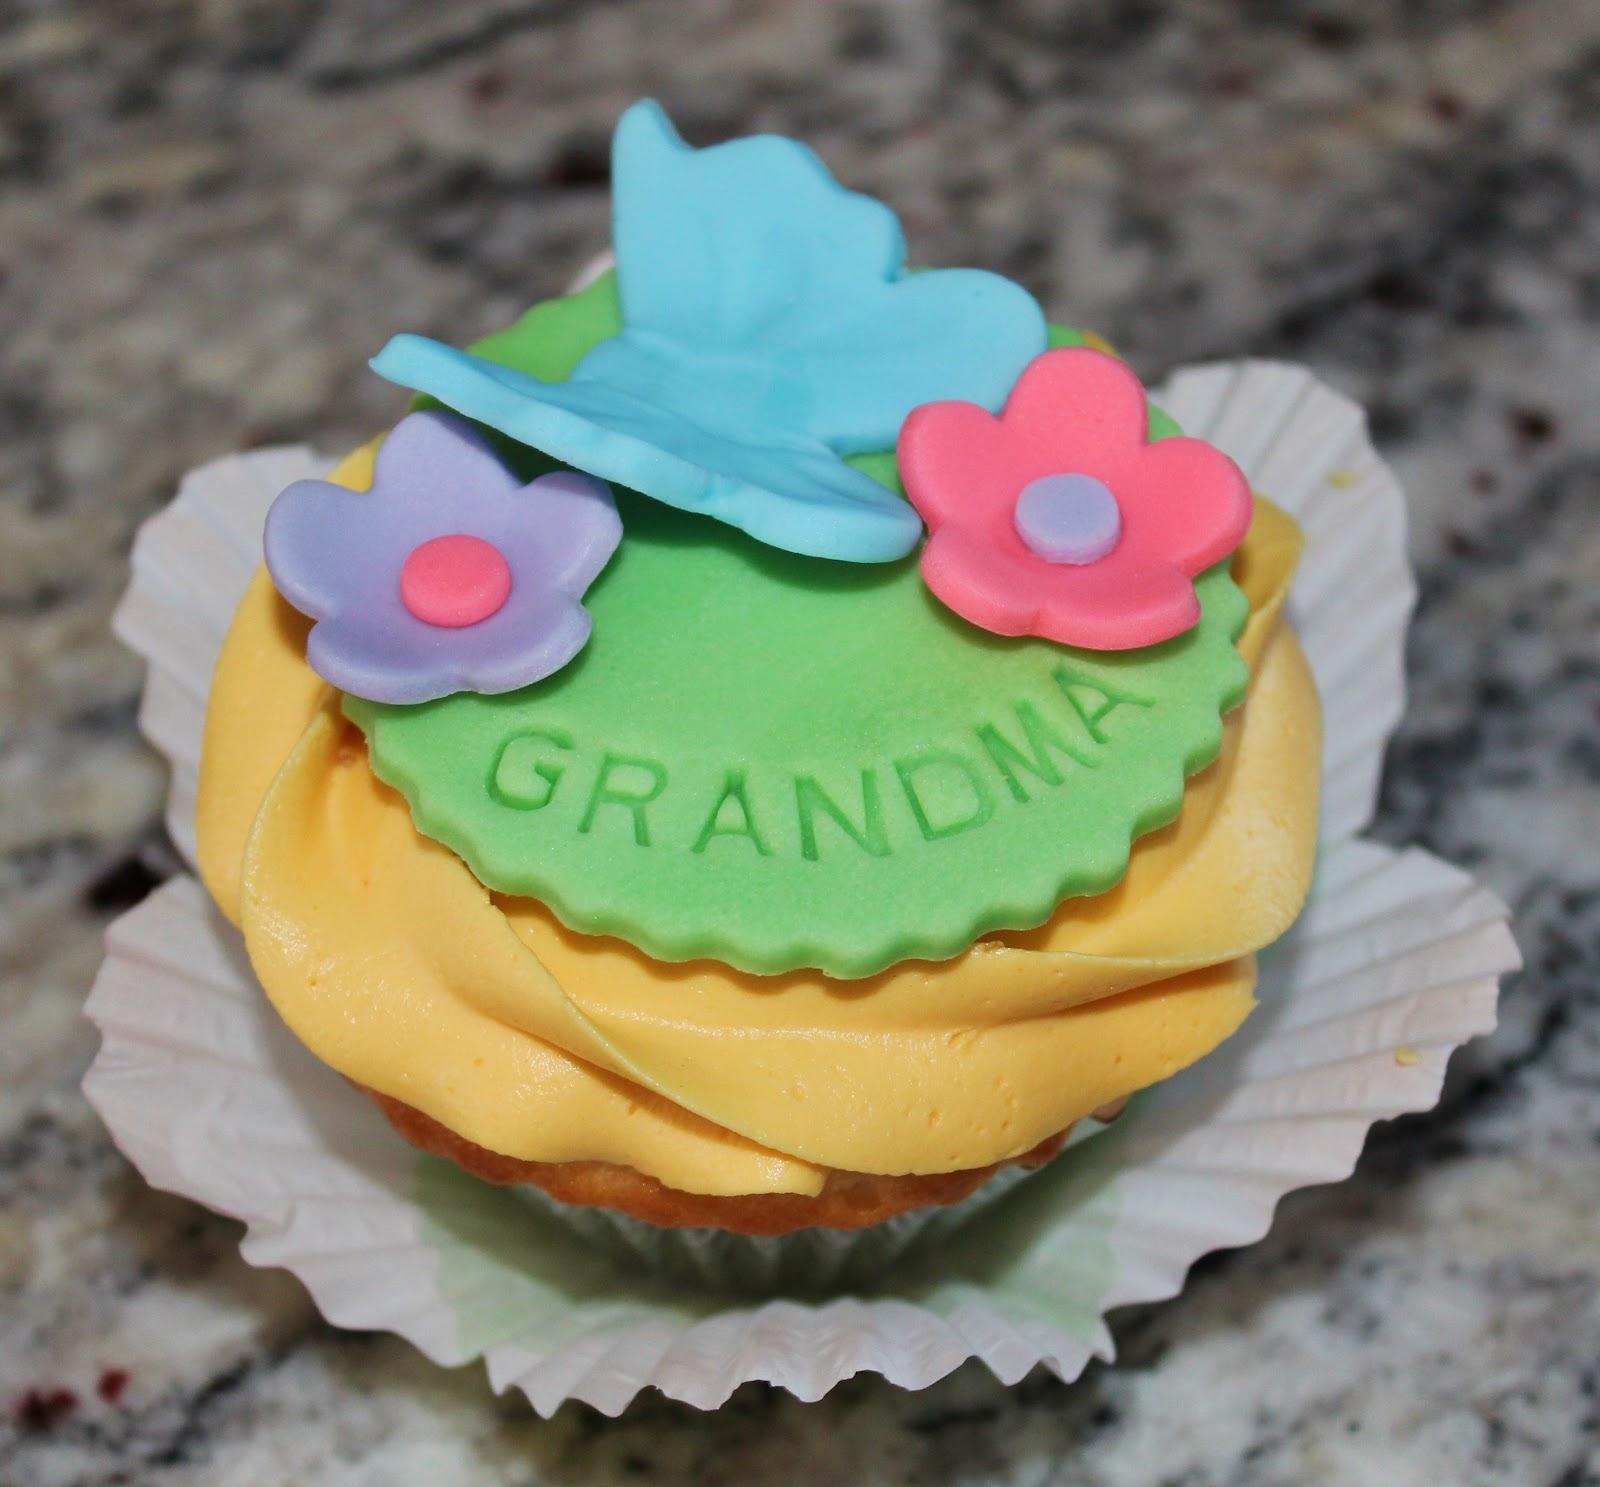 grandma cupcake